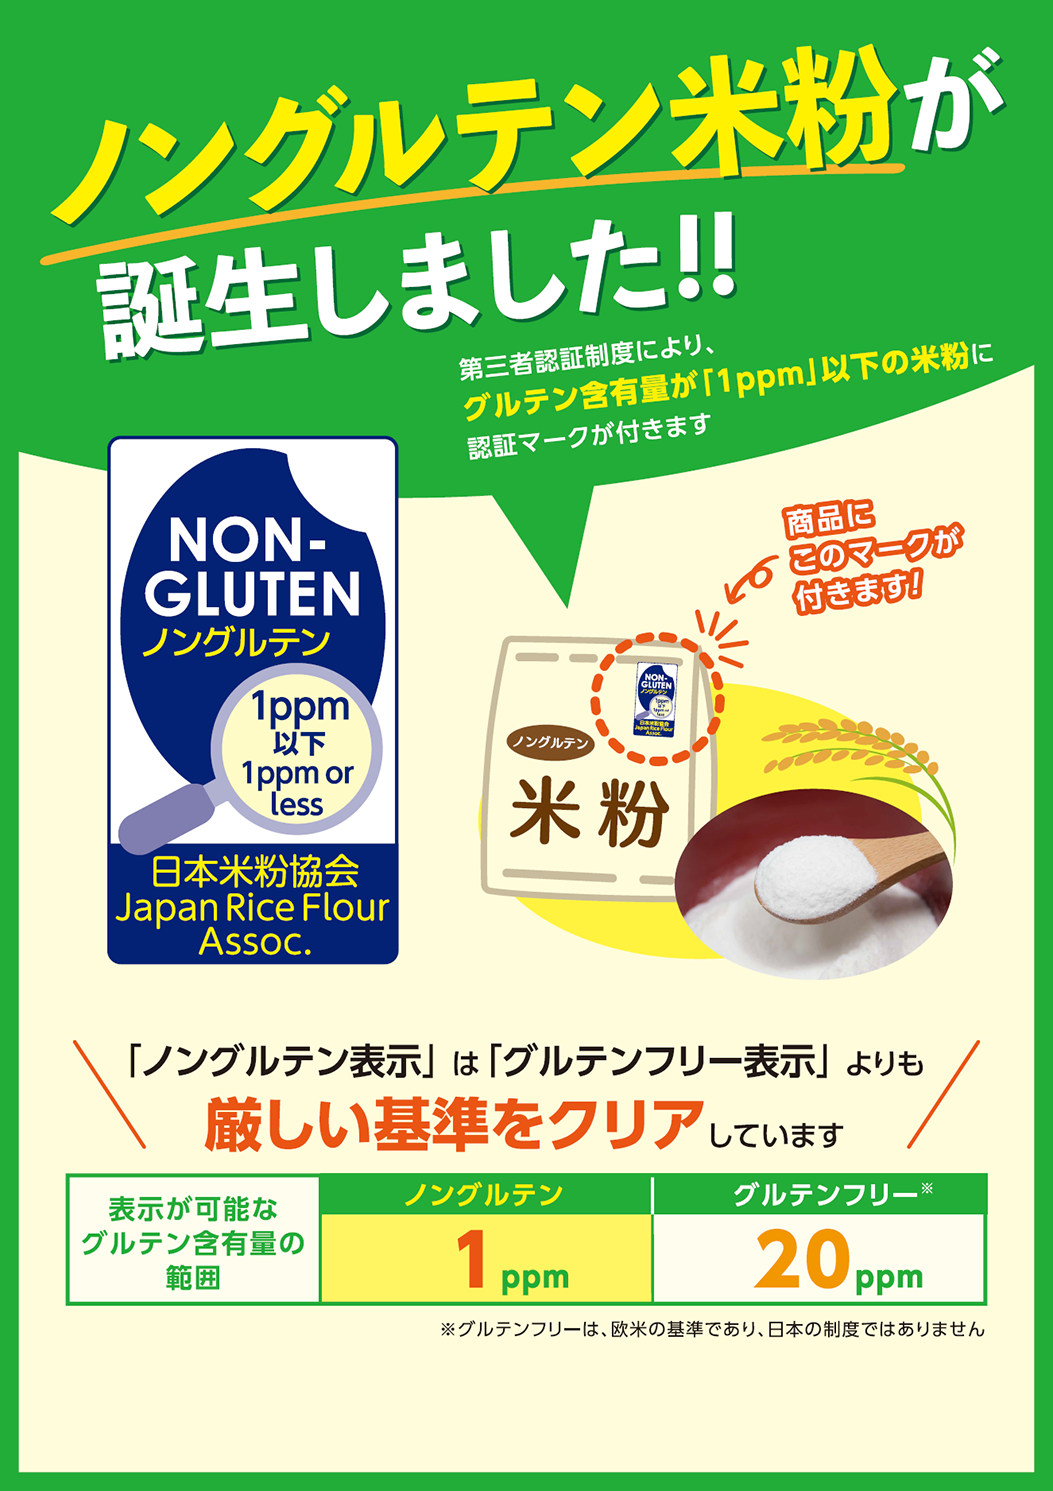 米粉用途別基準イメージ2